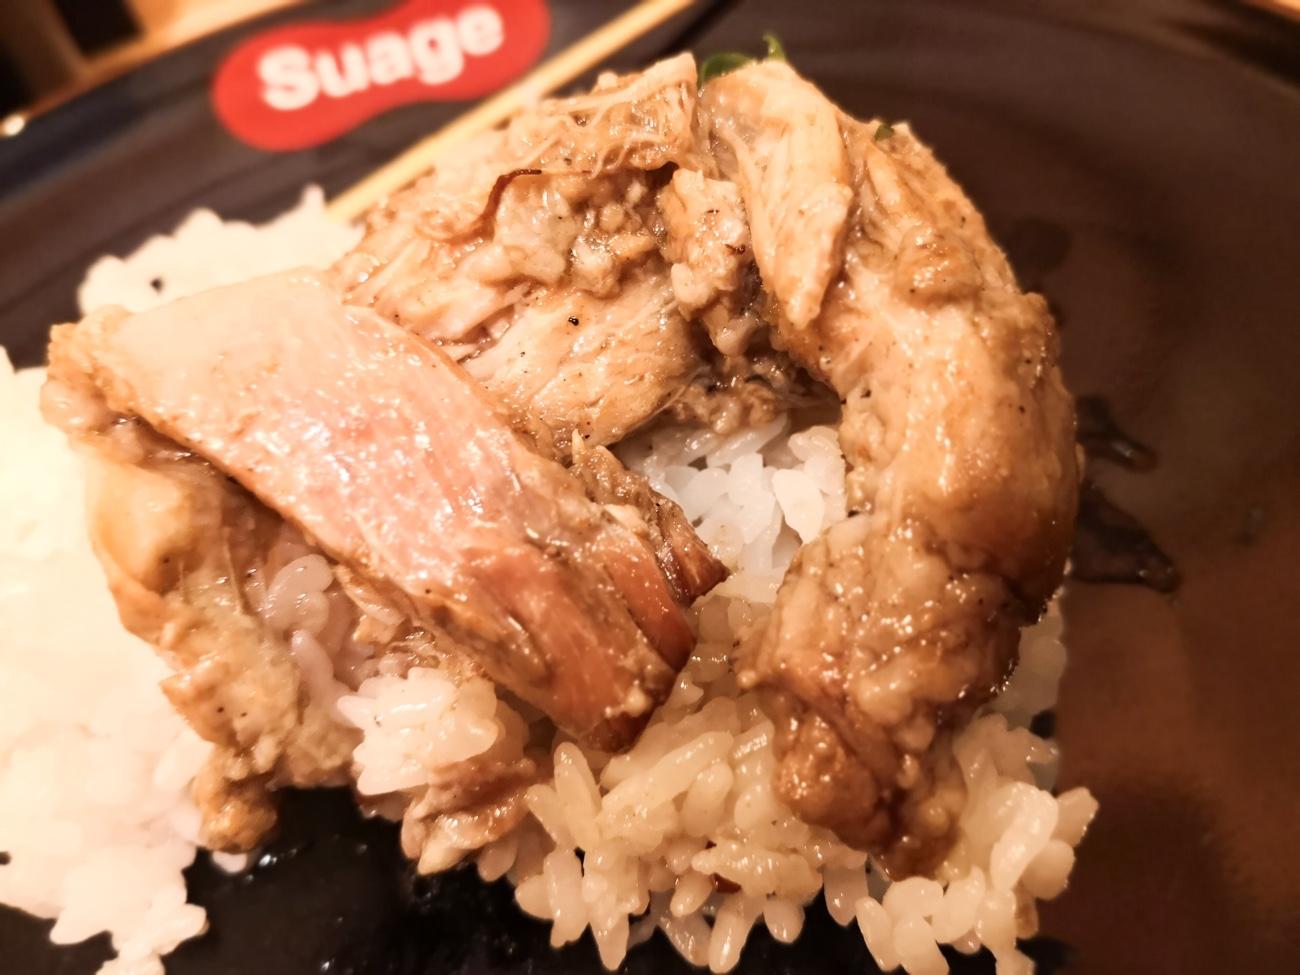 魯肉飯ルーローハン 北海道スープカレーSuage(すあげ)渋谷店